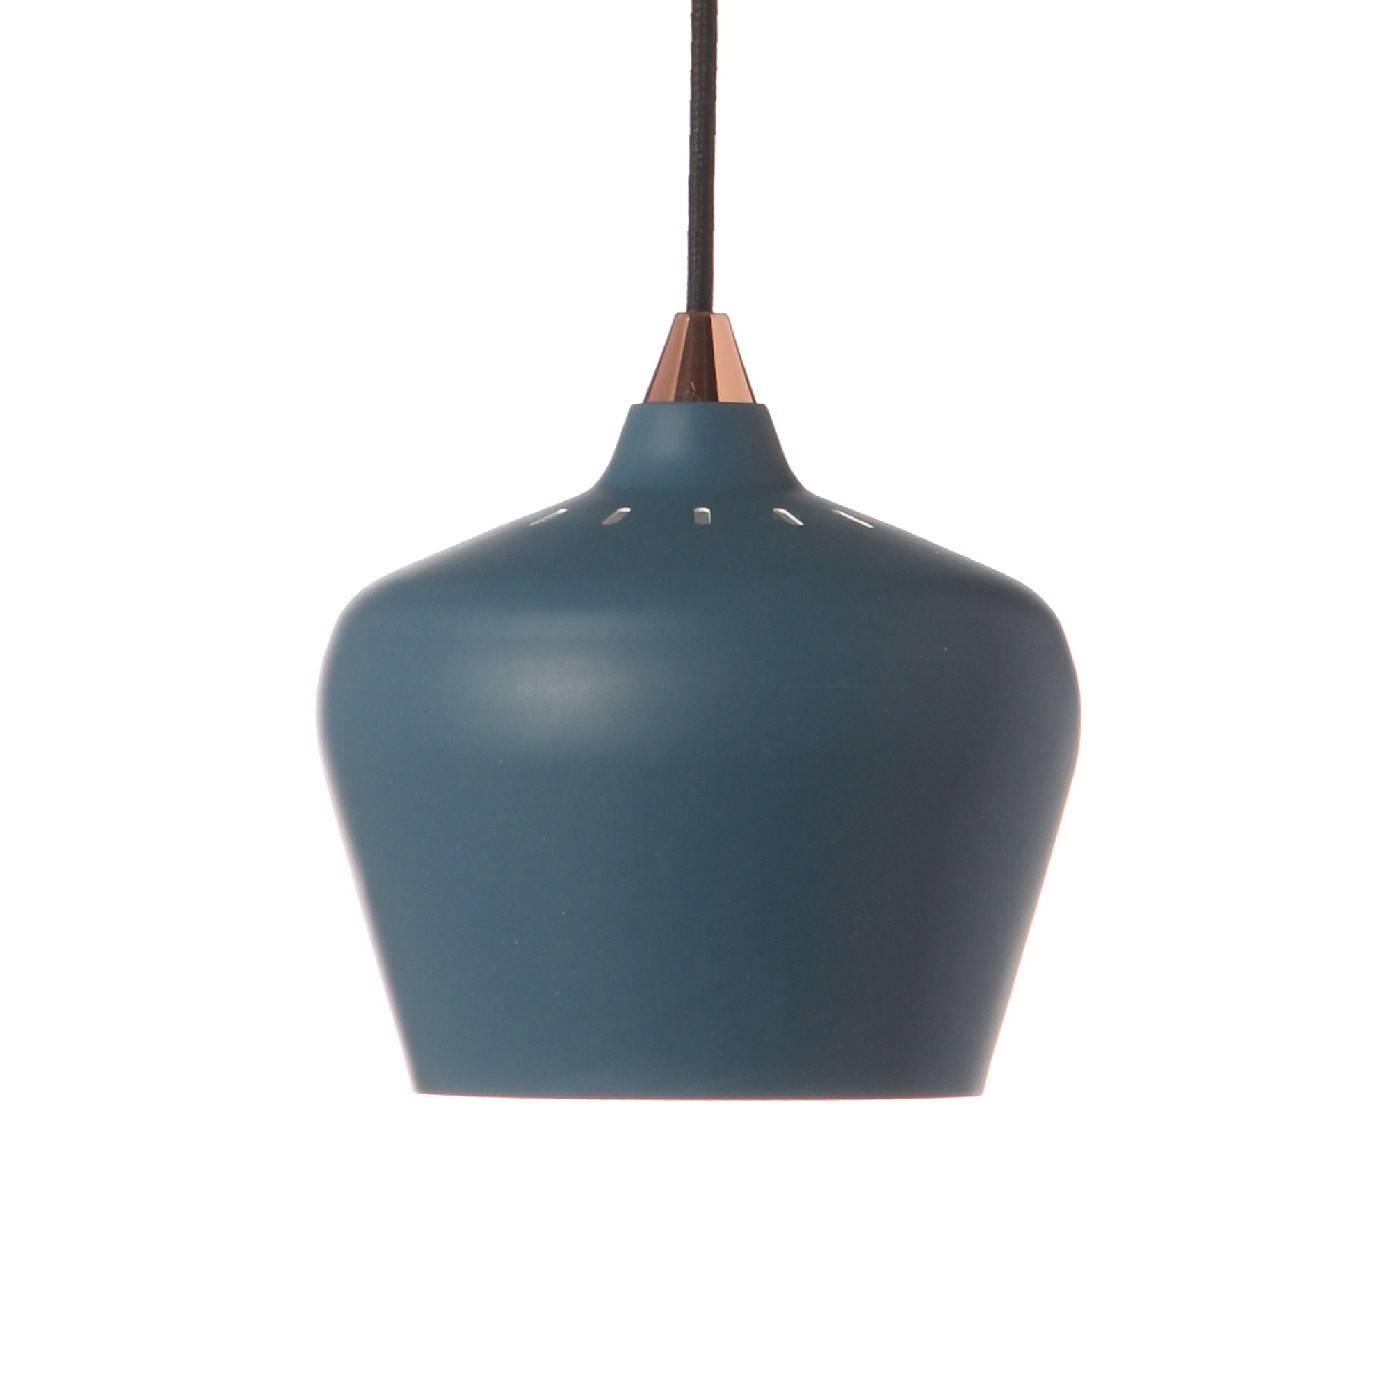 Cohen Pendant Light - Ceiling Lights - Lighting intended for Navy Pendant Lights (Image 4 of 15)